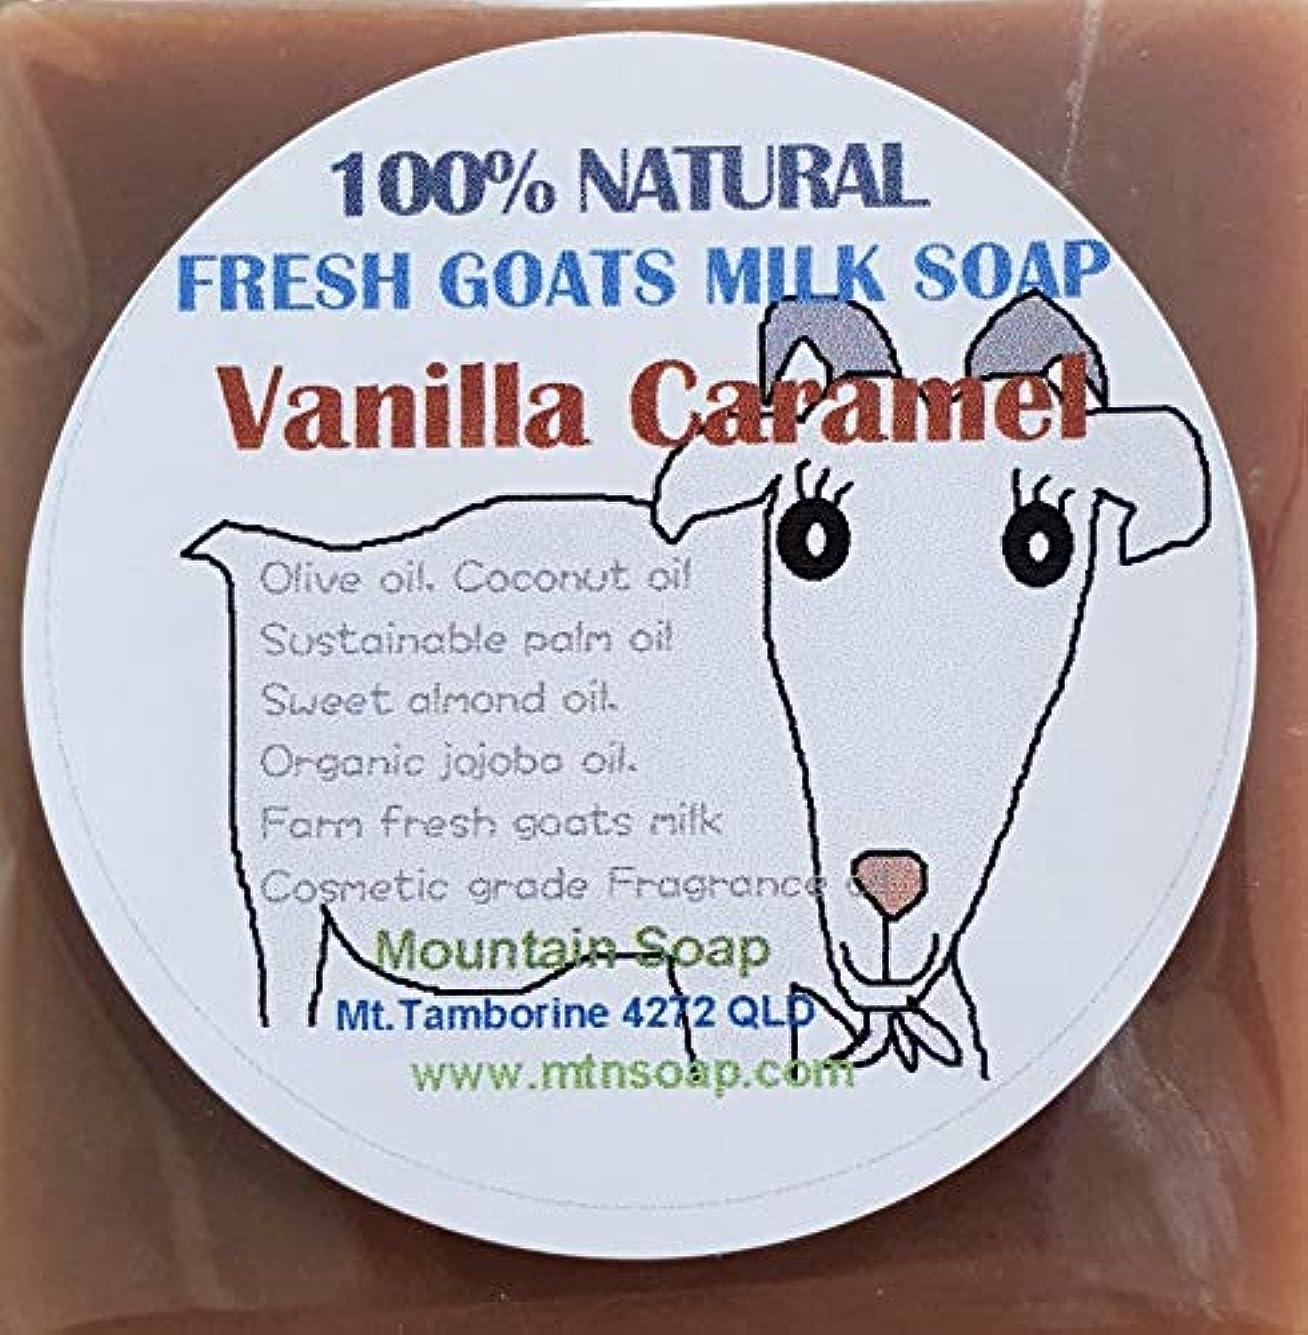 コーナー便宜計算可能【Mountain Soap】農場直送絞りたてゴートミルク生乳使用 ゴートミルク石鹸 バニラキャラメル